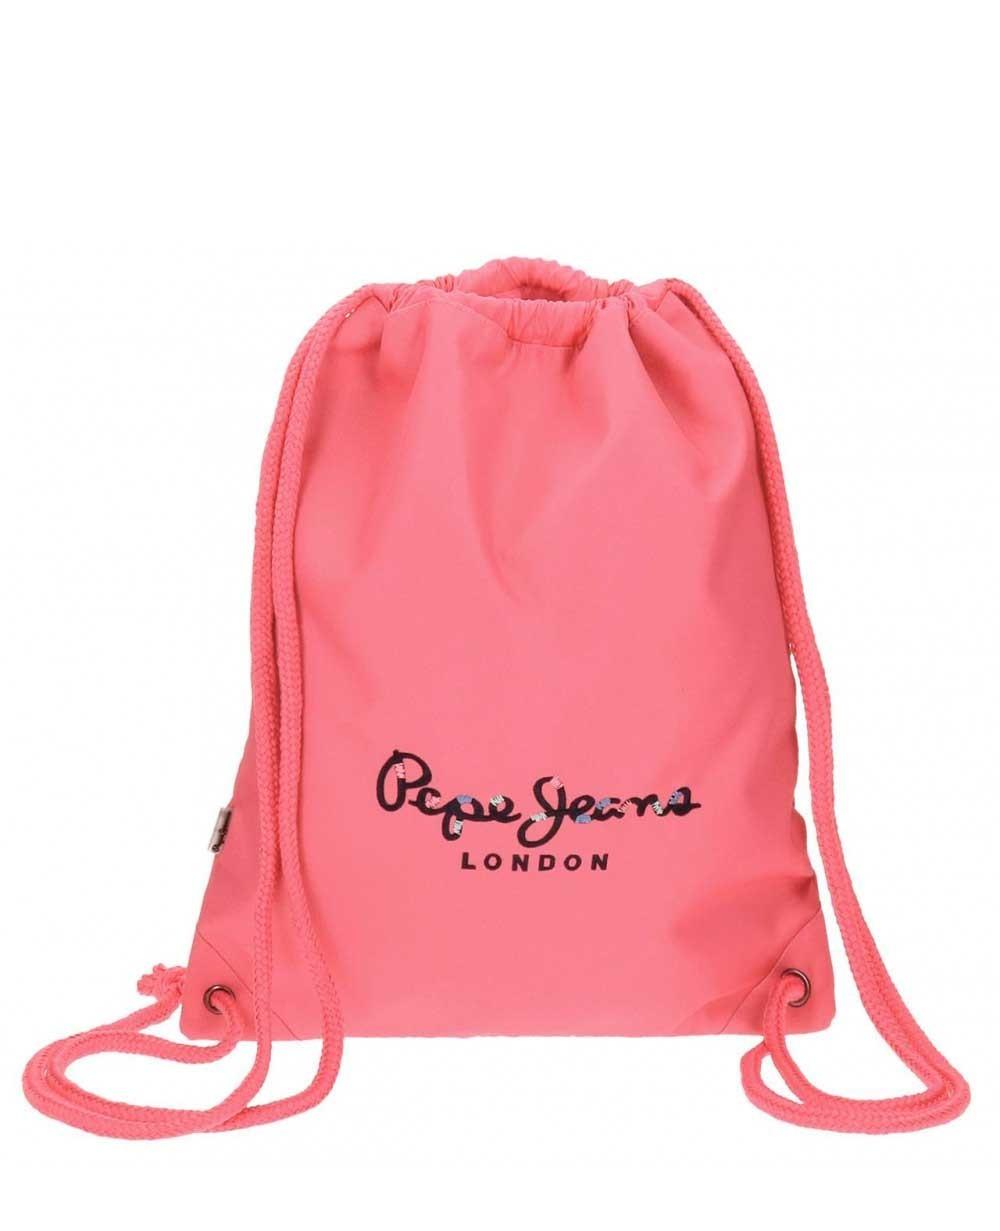 Pepe Jeans Harlow Gymsack Rosa (Foto )